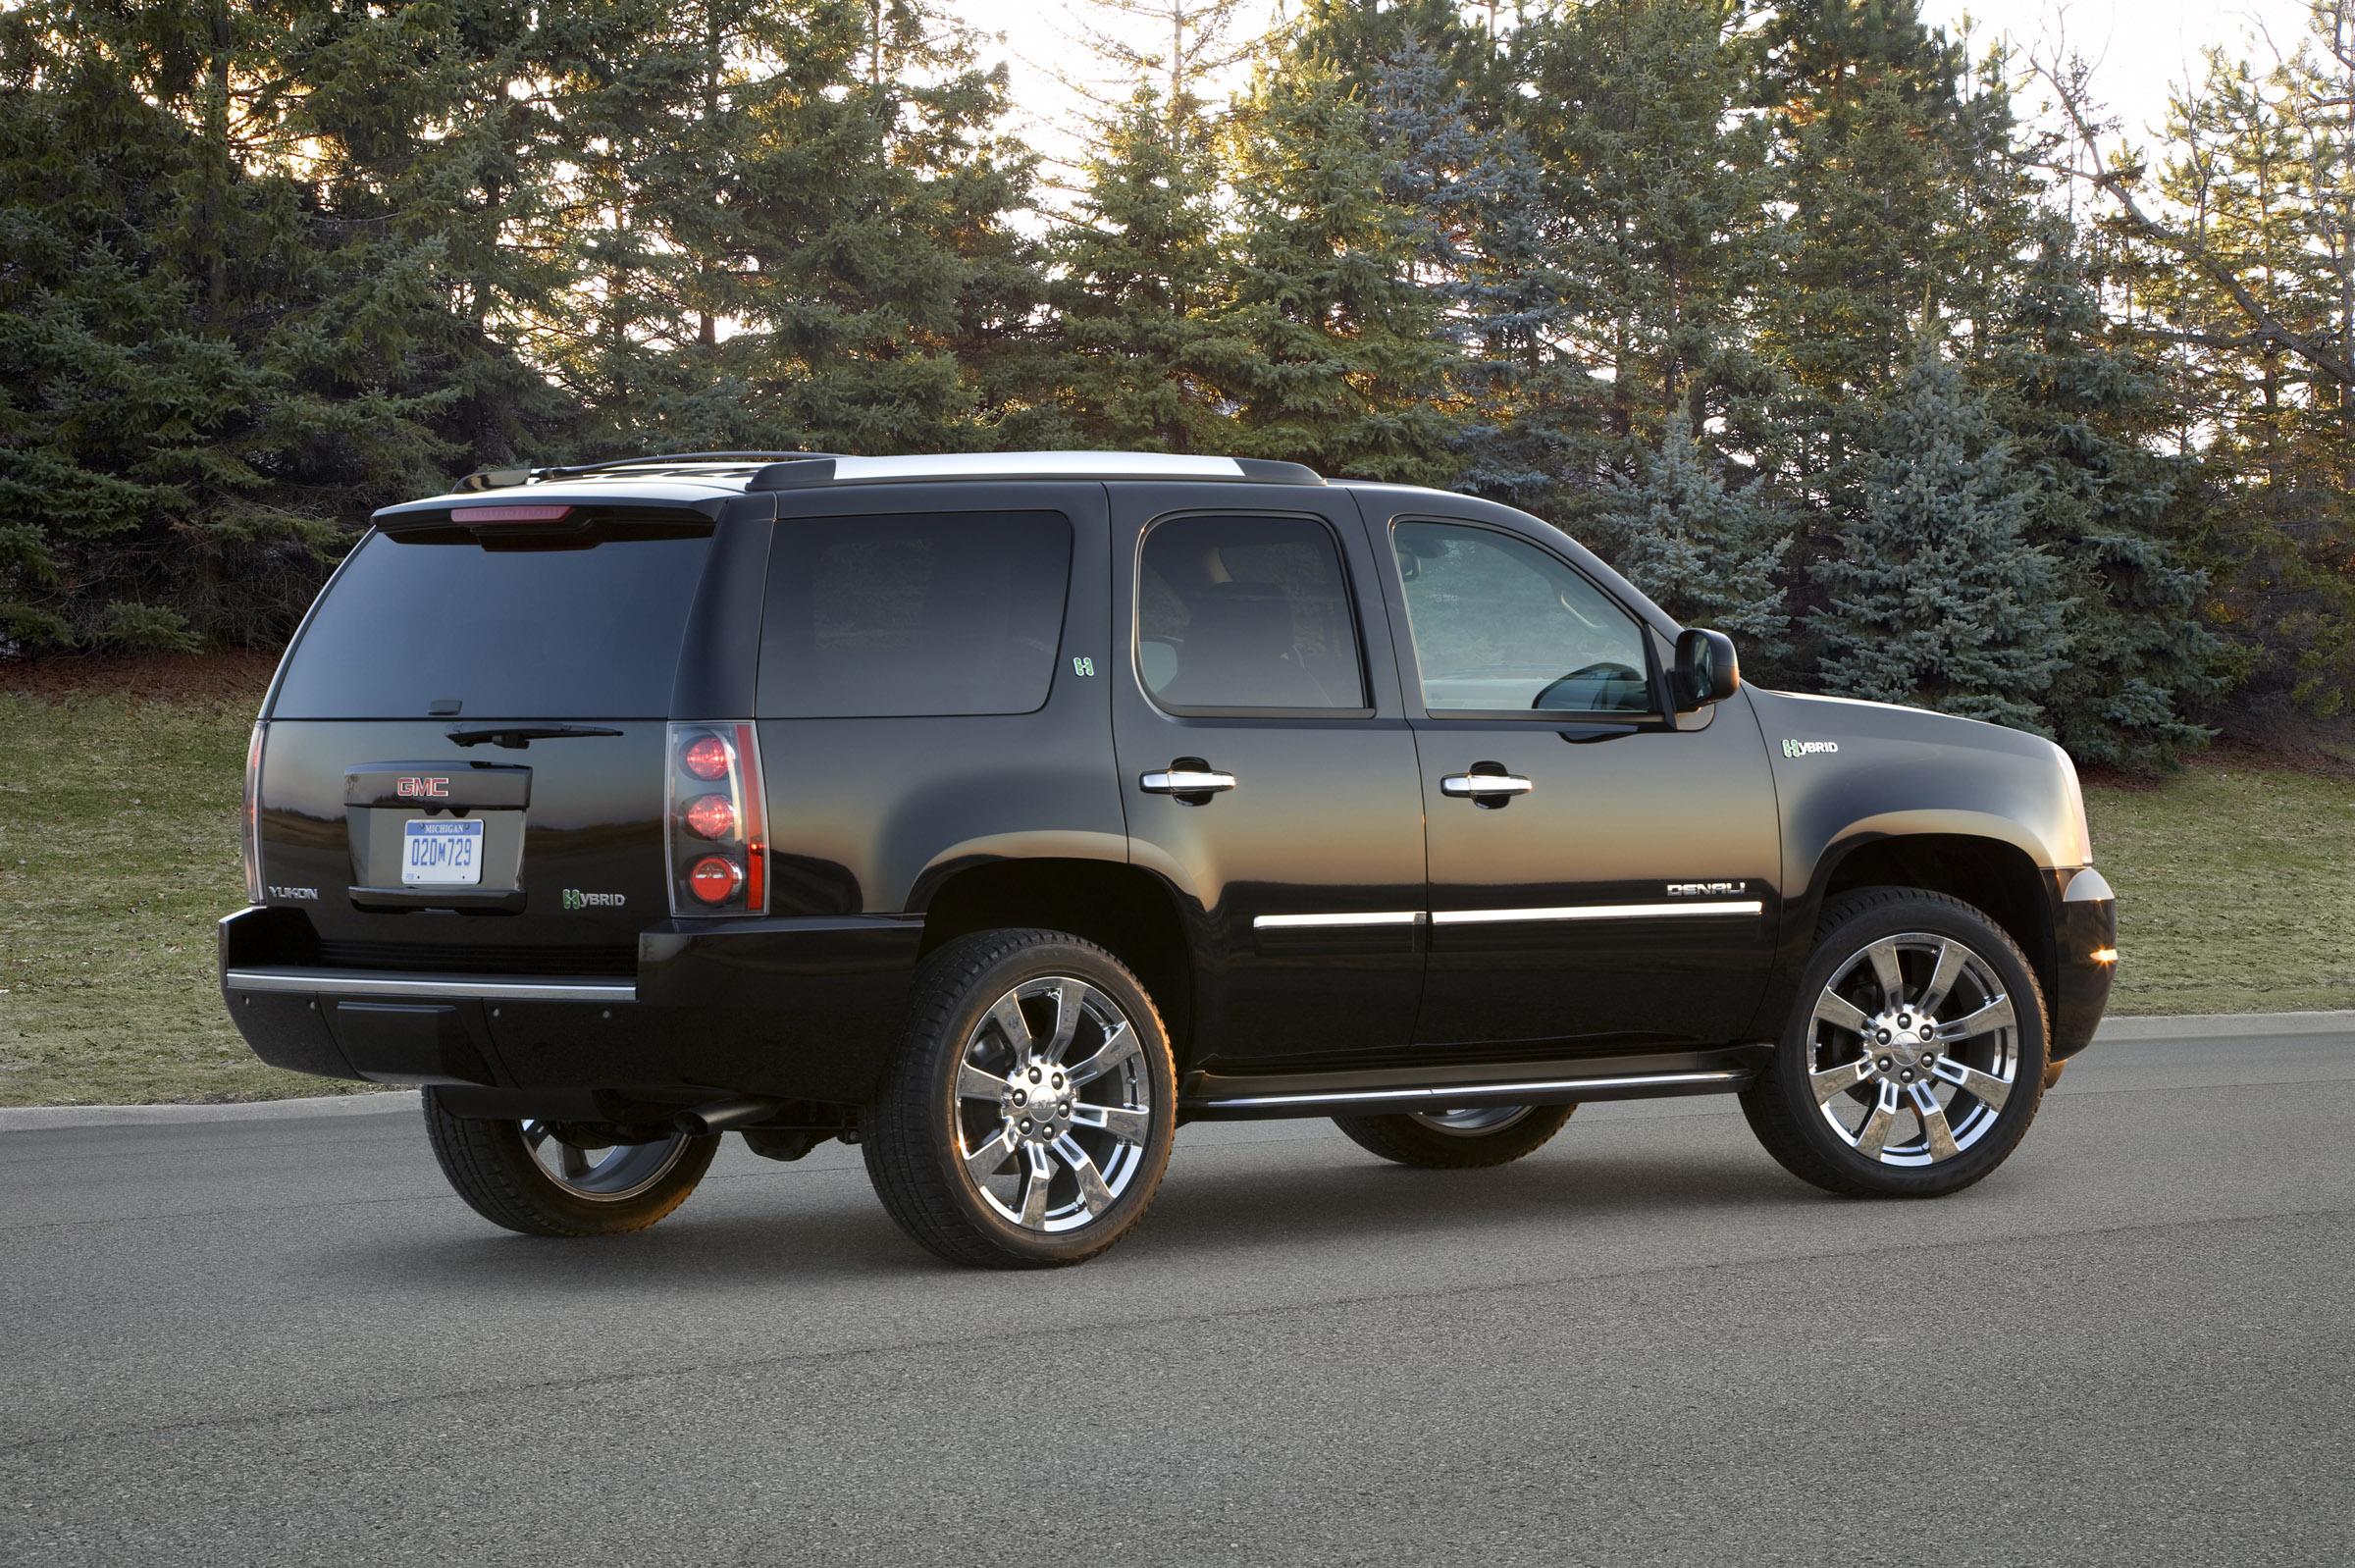 2011 GMC Yukon Denali Hybrid - Picture 51555